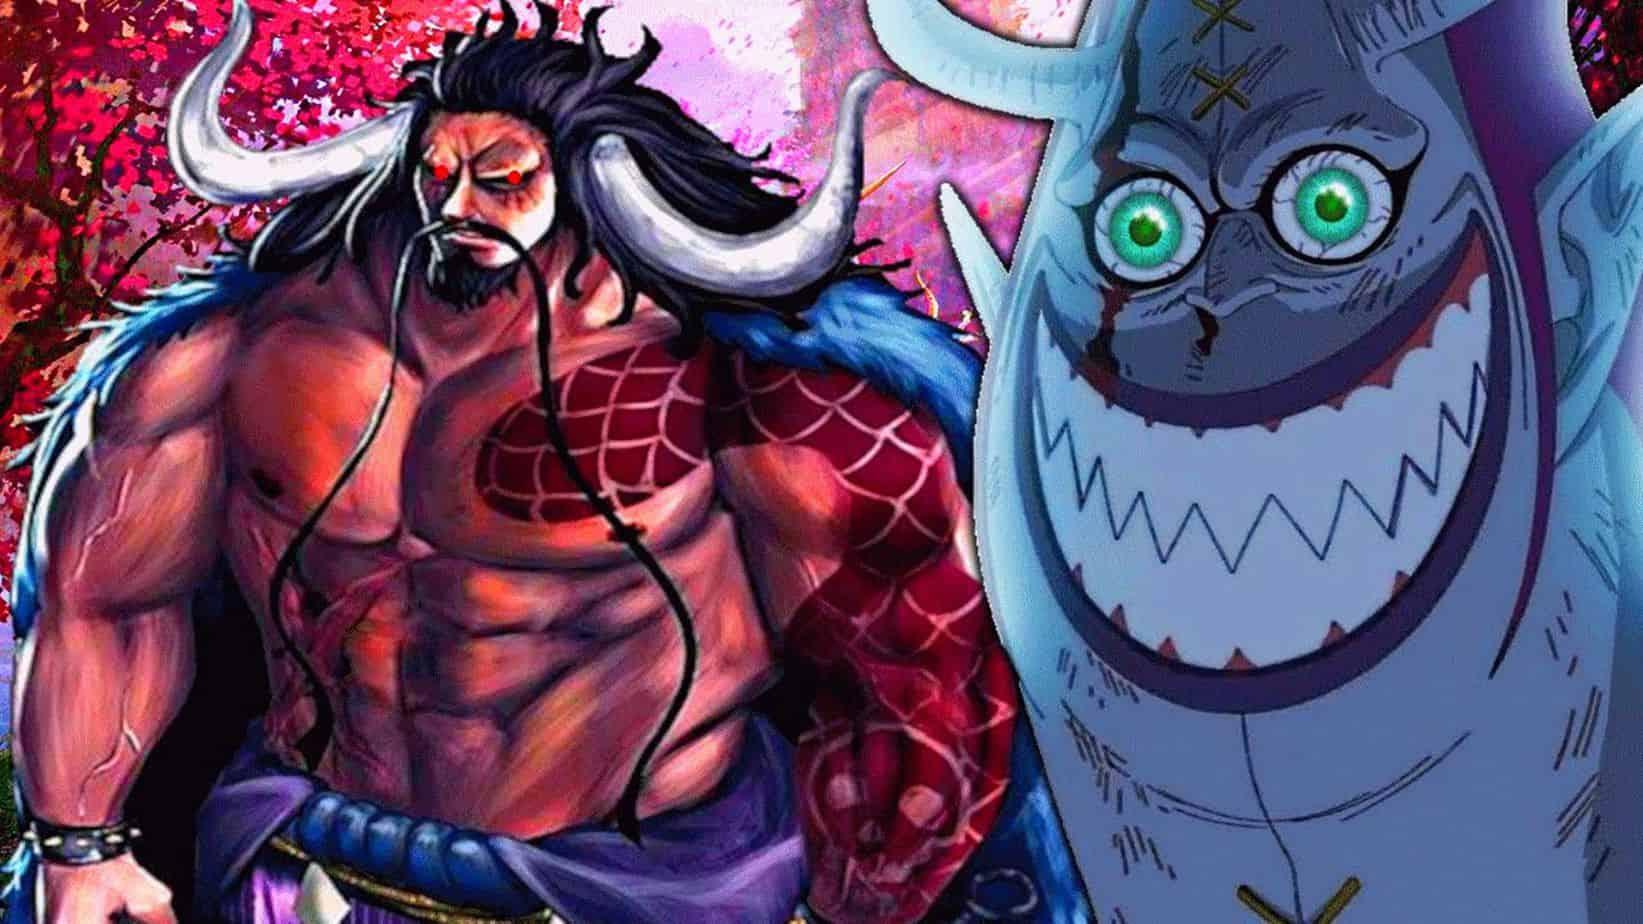 Les Spoilers Dragon Ball Super Chapitre 59 Date de sortie 24